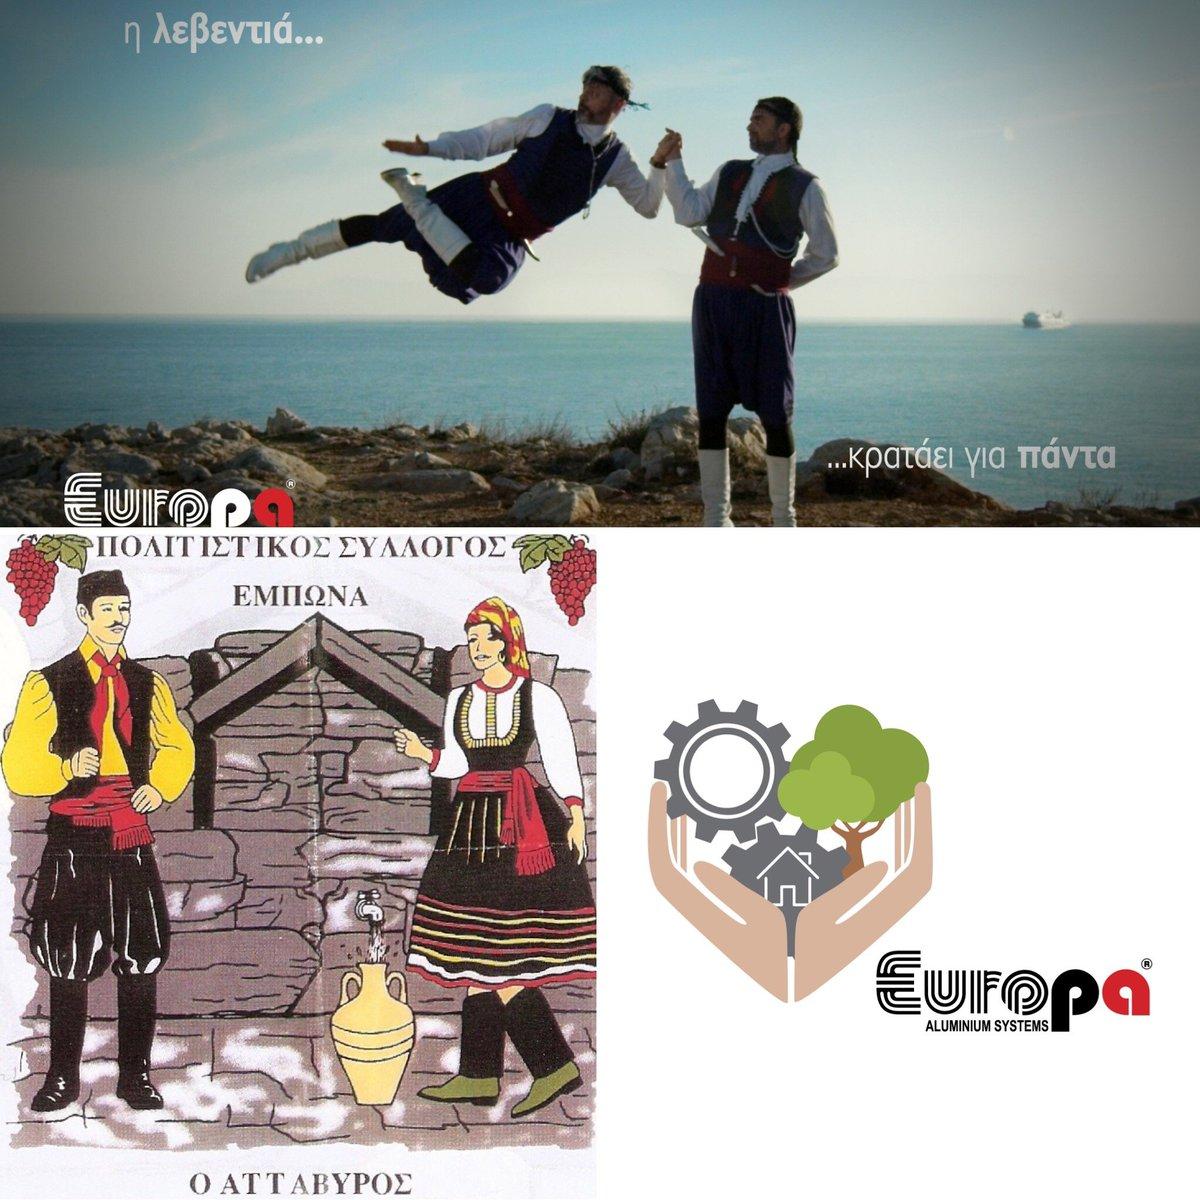 """Συγχαρητήρια @ Πολιτιστικό Σύλλογο """"Αττάβυρος"""" για την #62ηΓιορτηΚρασιουΕμπωνα🍷που στήριξε η @EuropaProfil στα πλαίσια του #EuropaCares👏  #MiaGiaPanta #EuropaProfil #EuropaΠΑΝΤΟΥ  #AegeanLikeNoOther #RegionOfSouthAegean #aegeangastronomy #ergsouthaegean2019 #Rhodes #Ρόδος https://t.co/AlhCvqC3wG"""